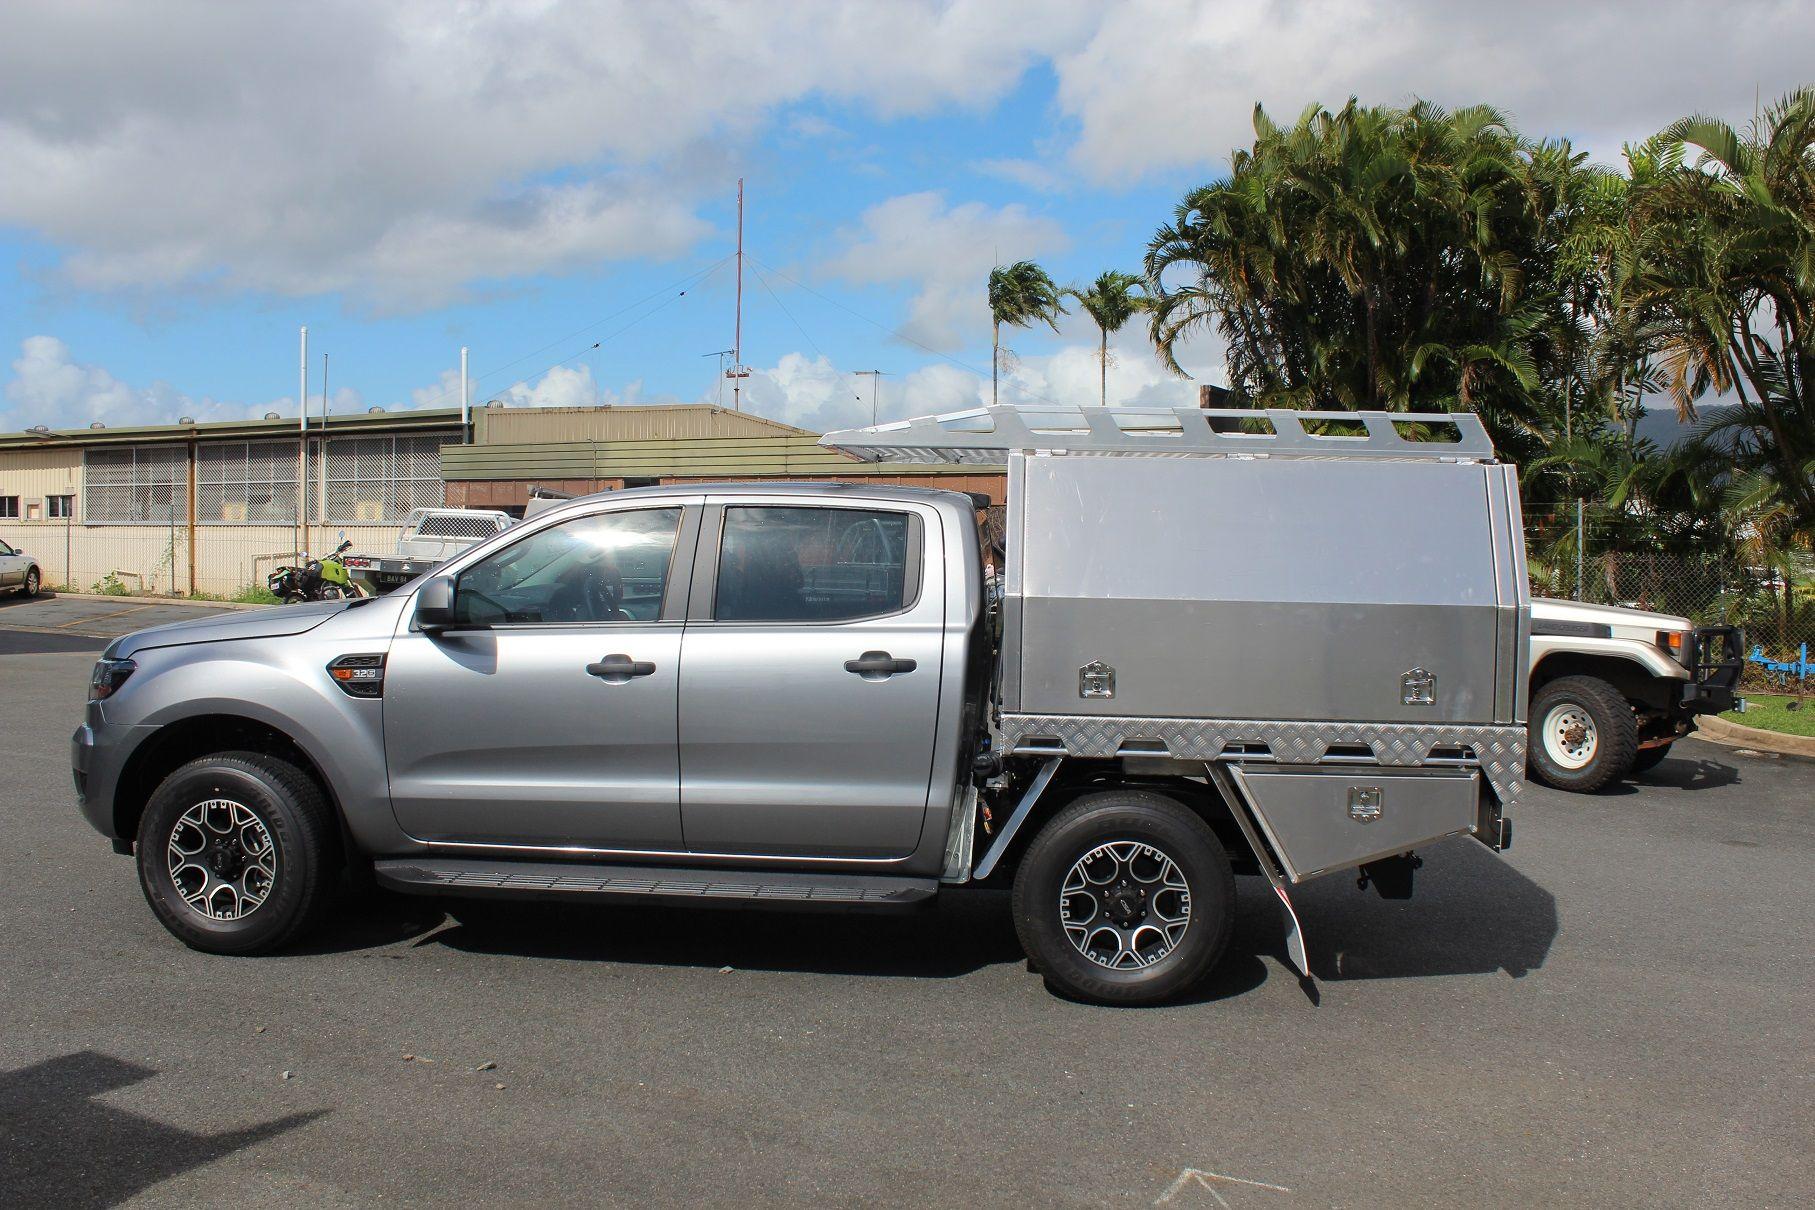 Ford Ranger Aluminium Canopy & Ford Ranger Aluminium Canopy | Slide on campers | Pinterest ...